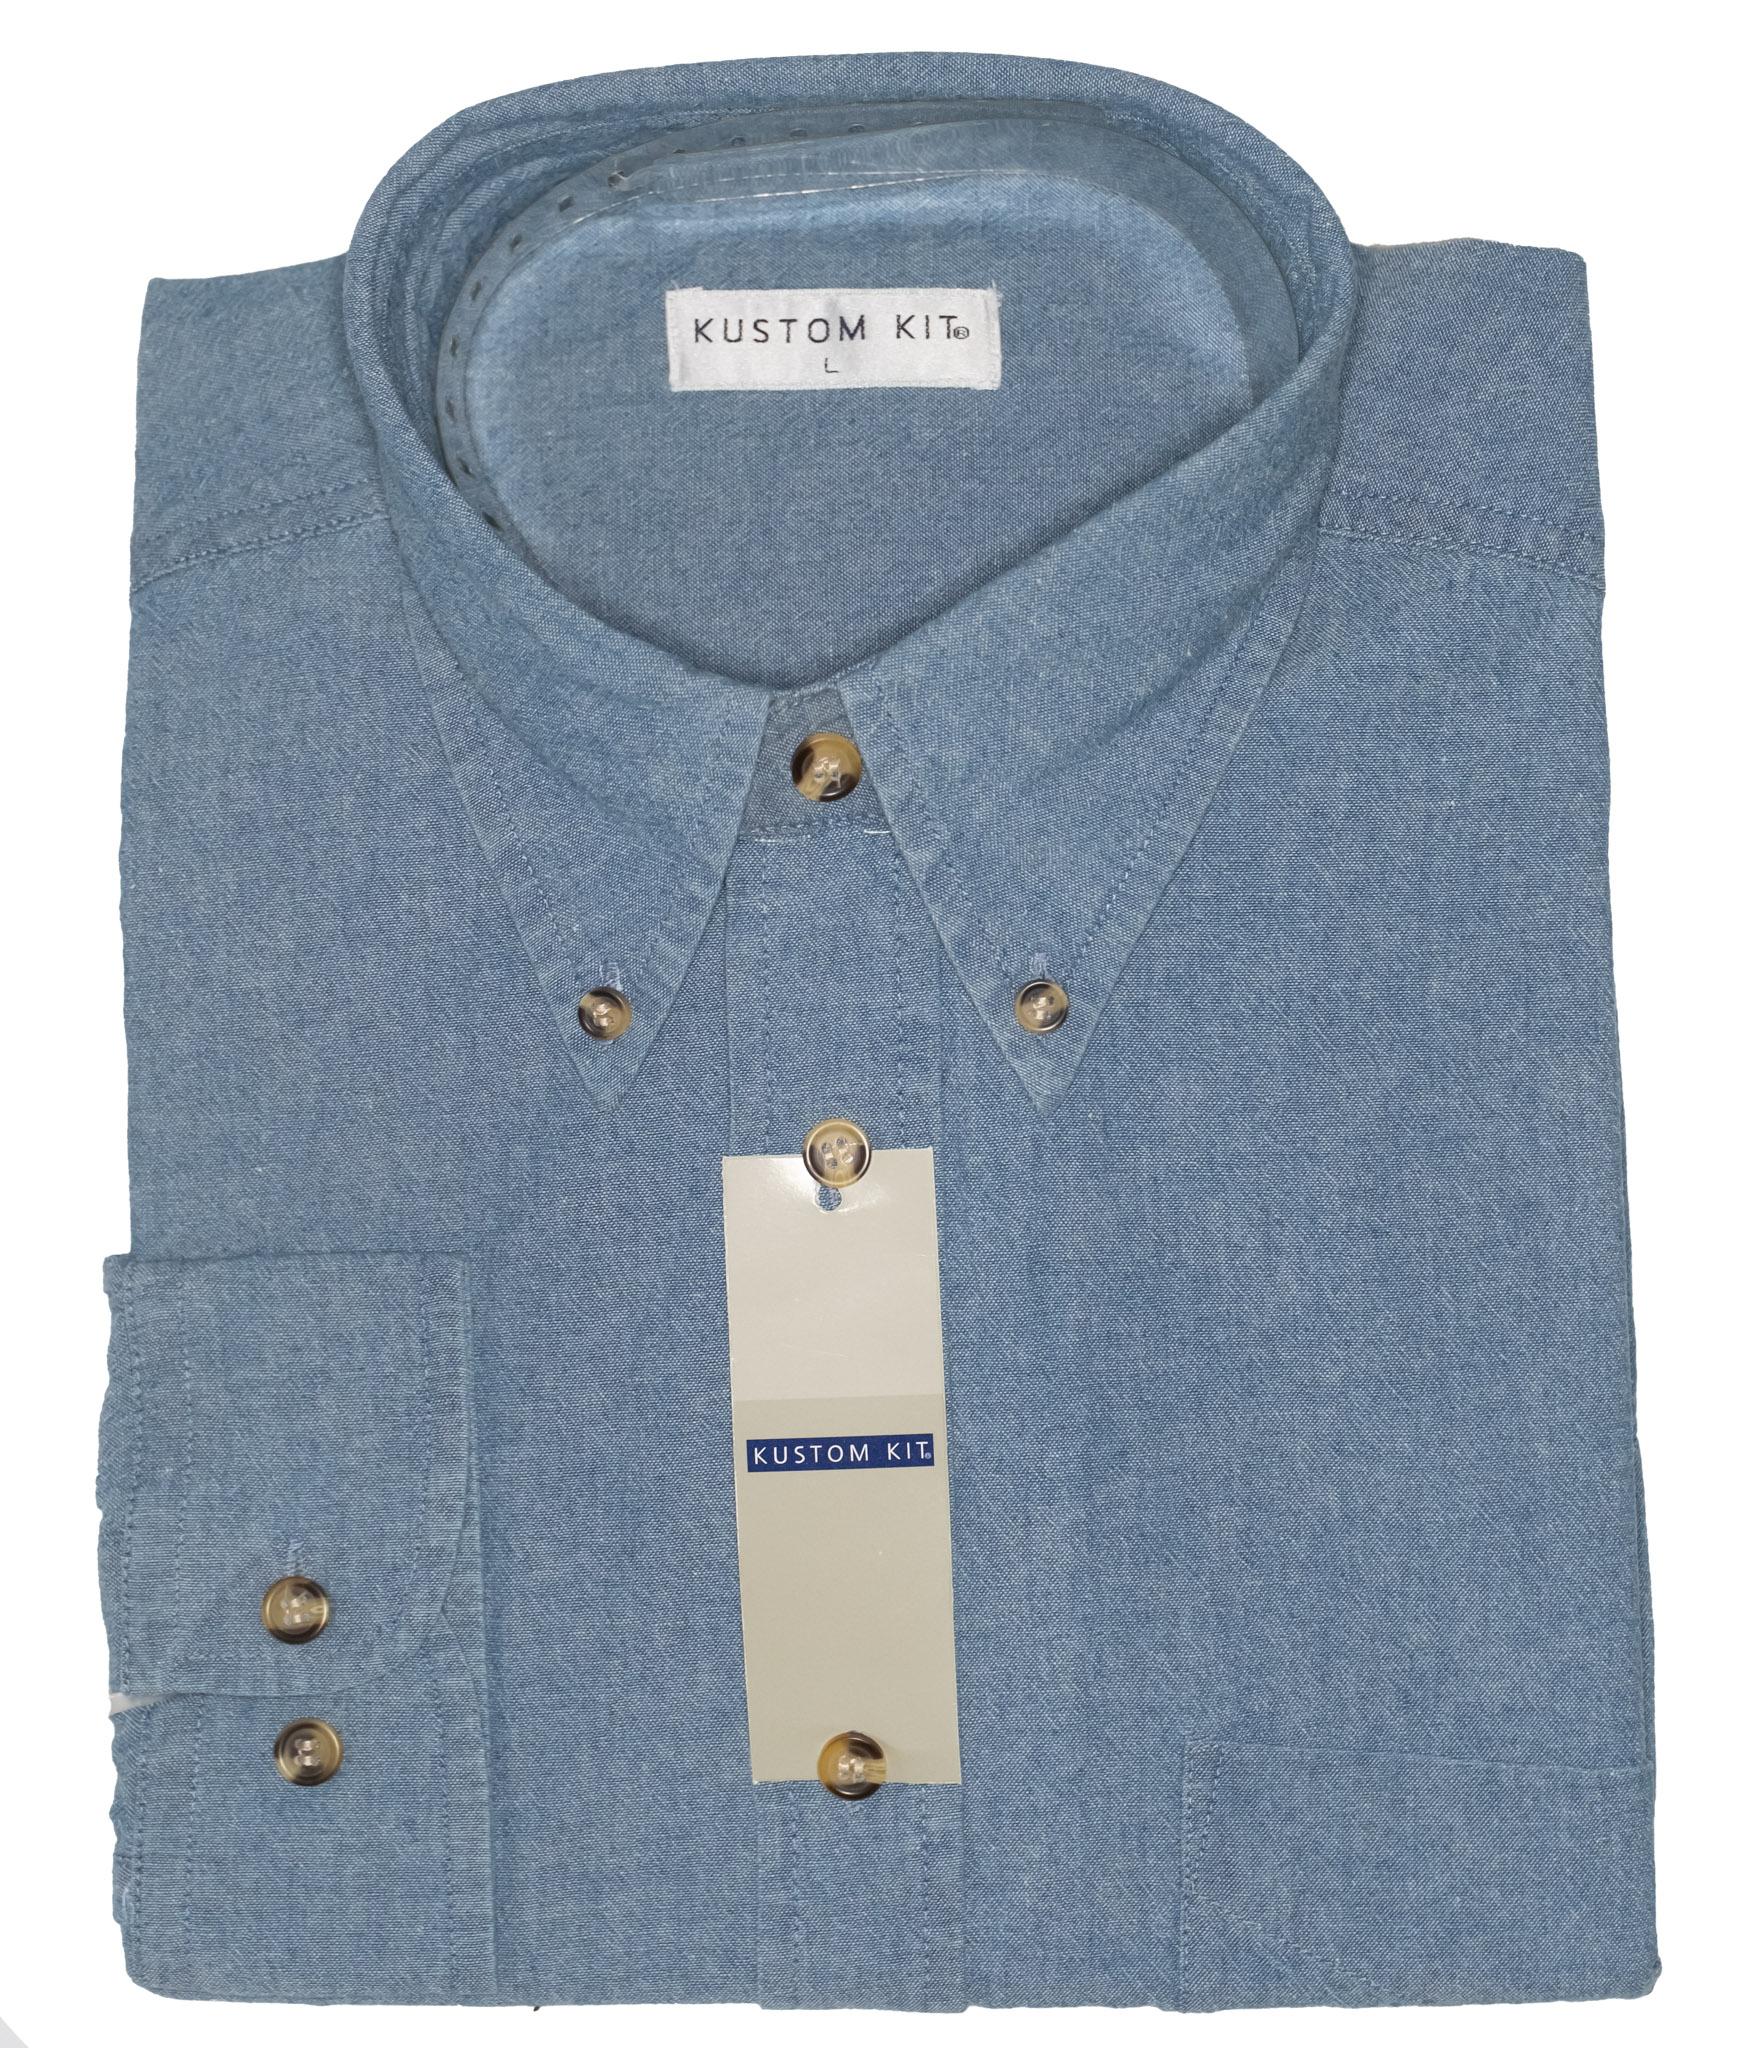 Mens Denim Shirt | Assorted Wholesale Joblot S, M, L